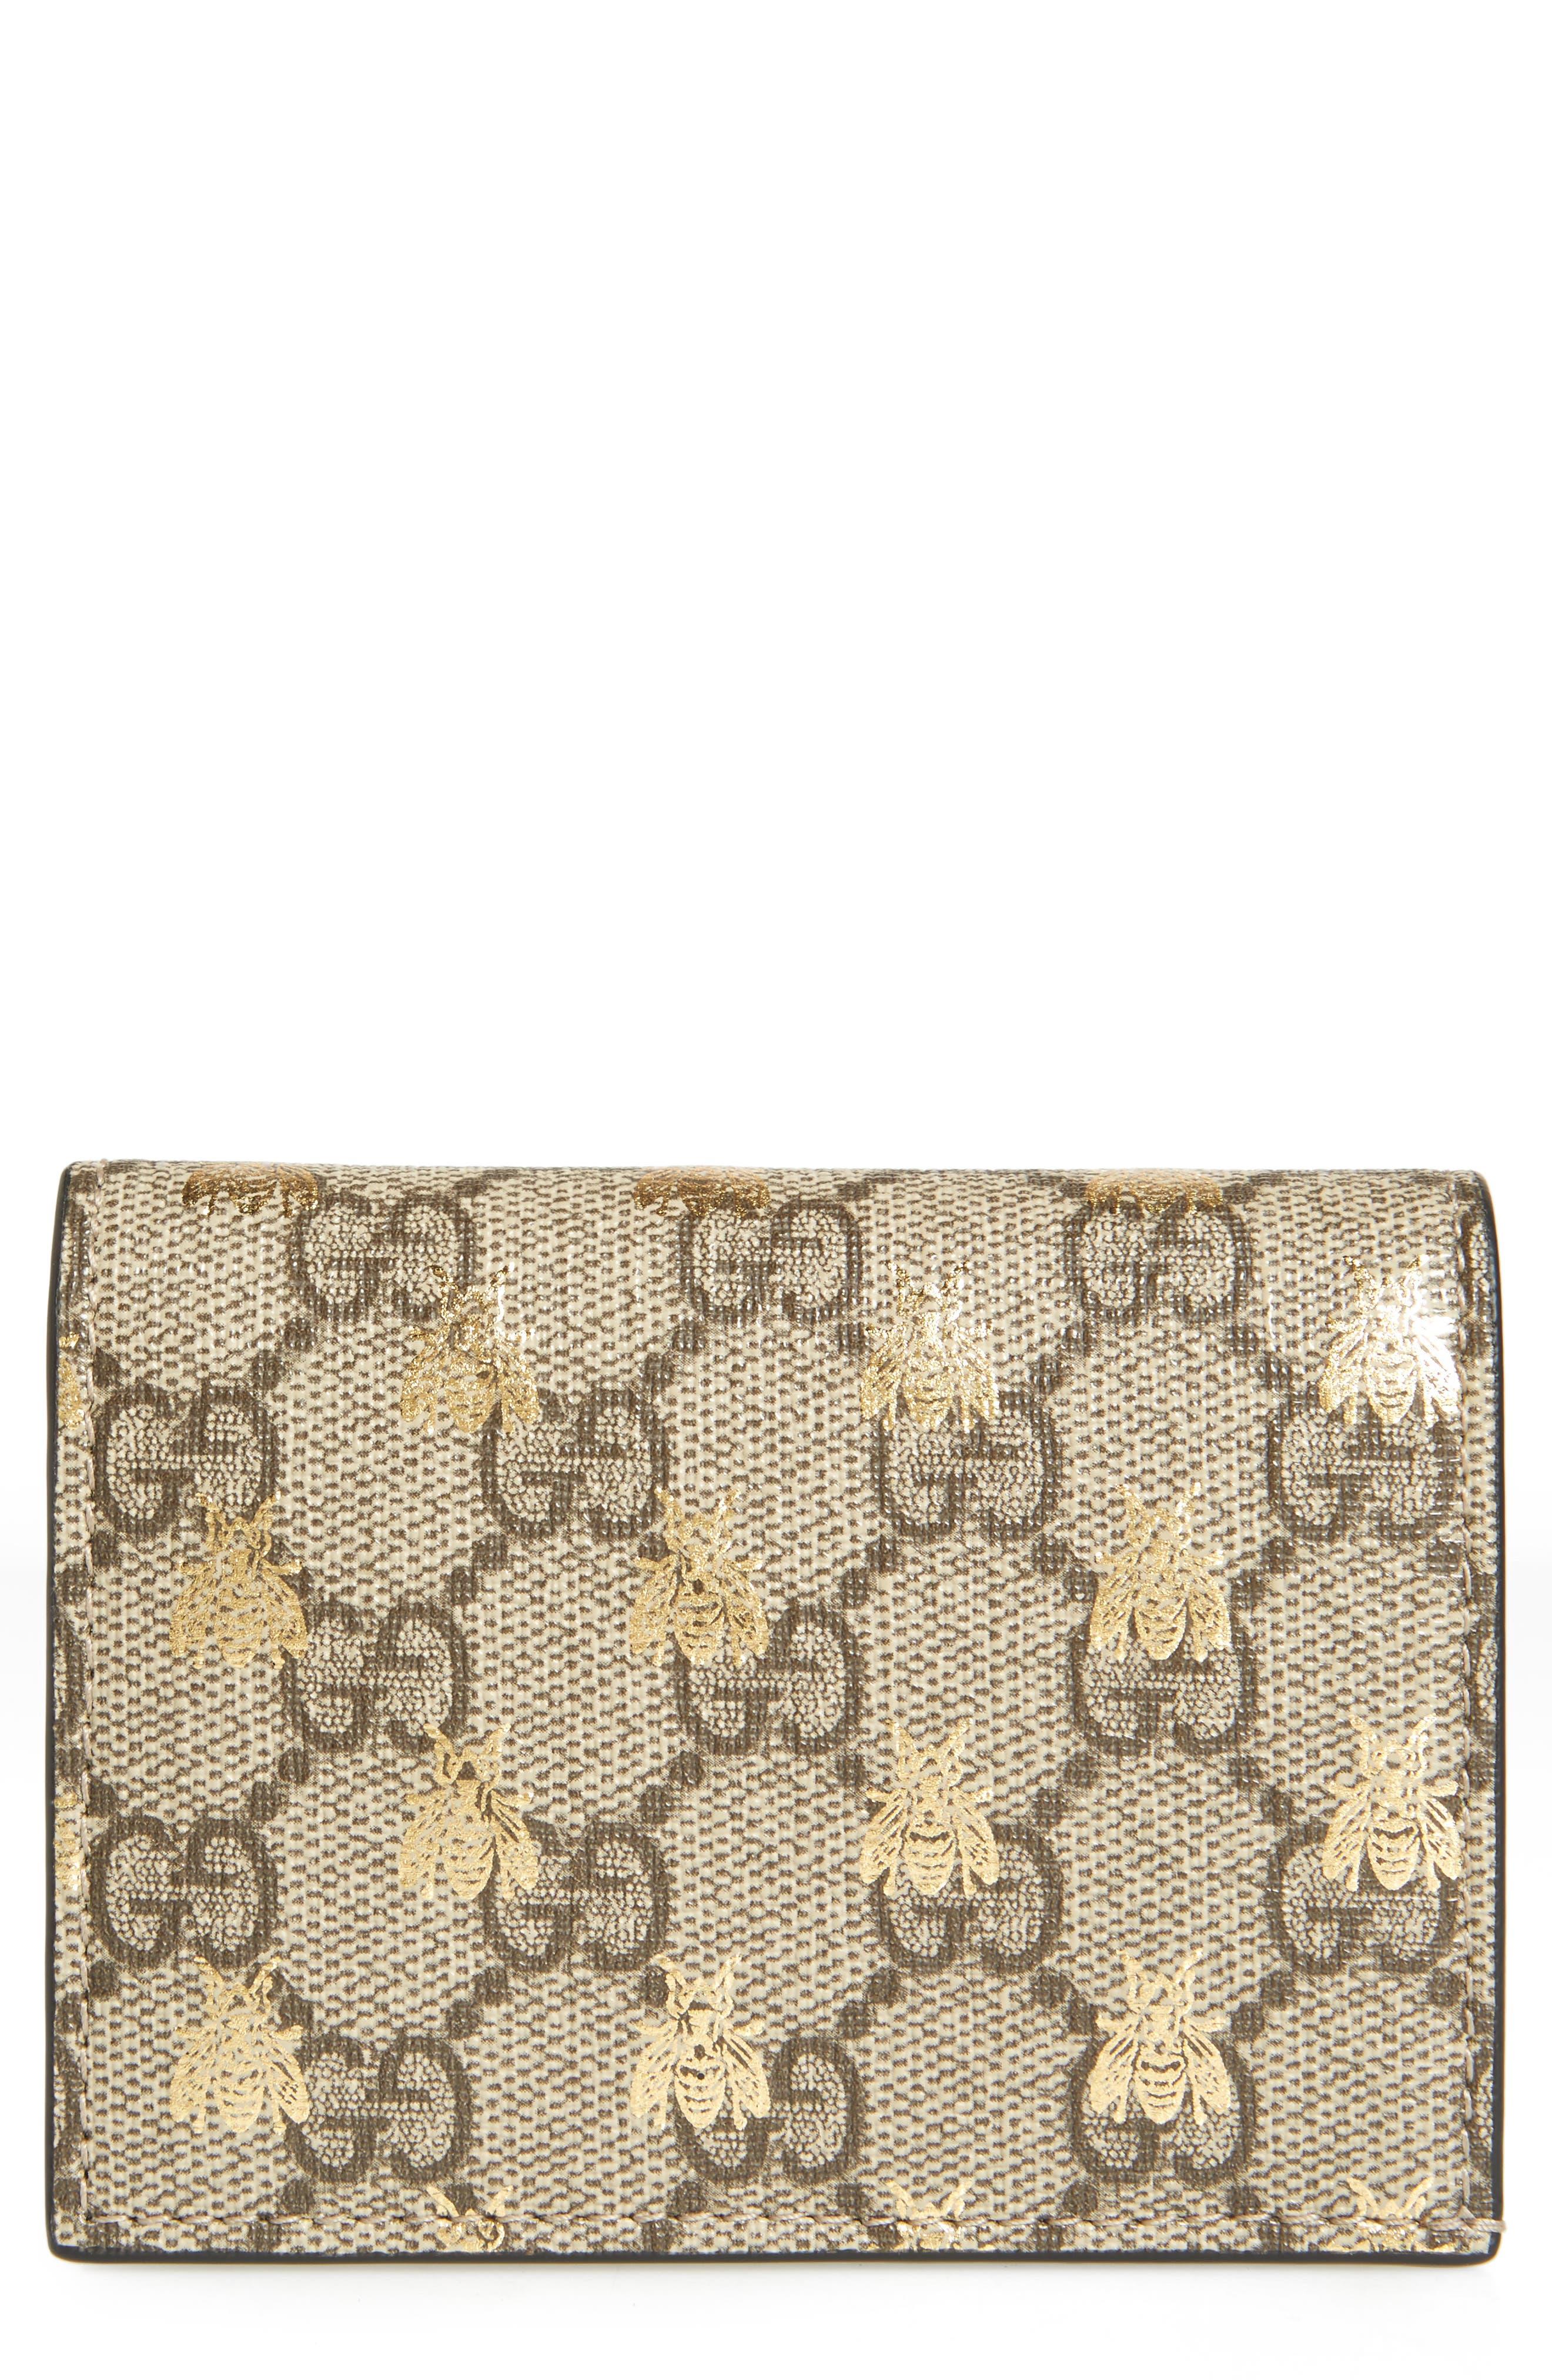 GG Supreme Bee Canvas Bifold Wallet,                         Main,                         color, Beige Ebony Oro/ Nero